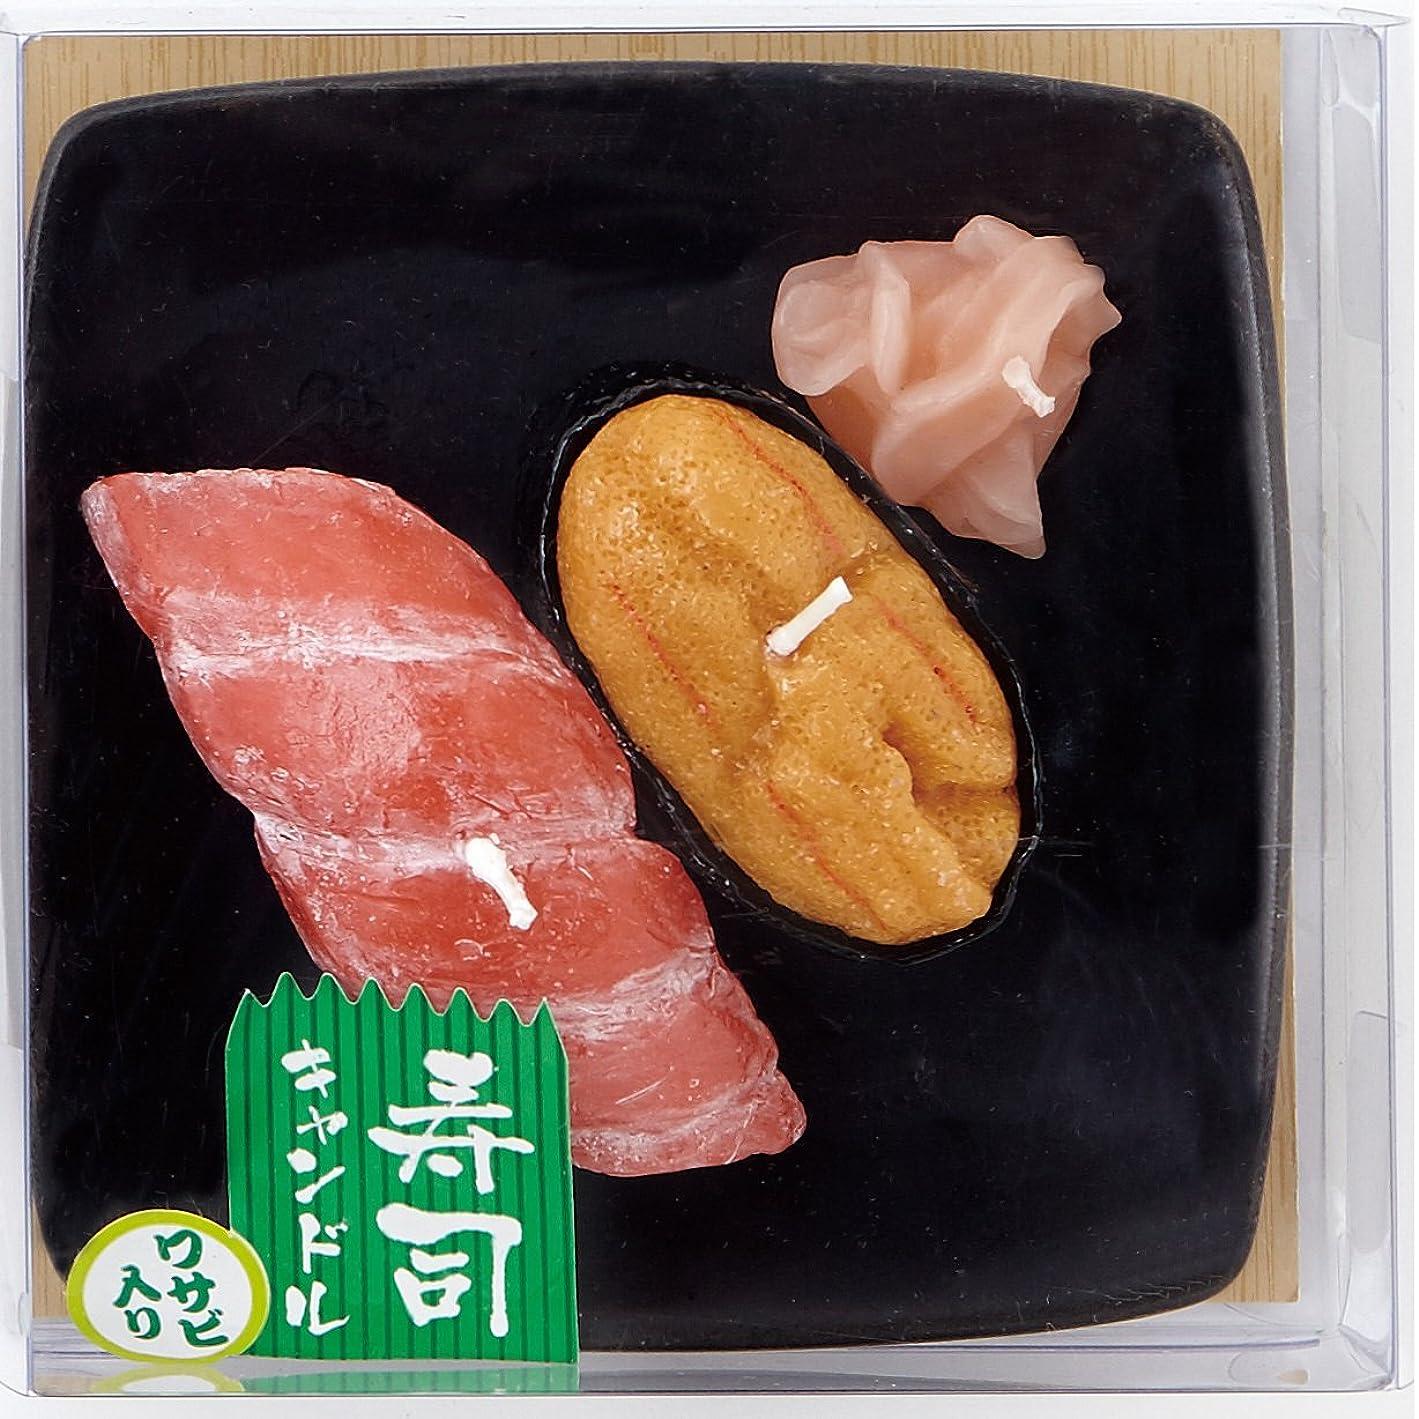 受け取る赤魔術寿司キャンドル C(ウニ?大トロ) サビ入